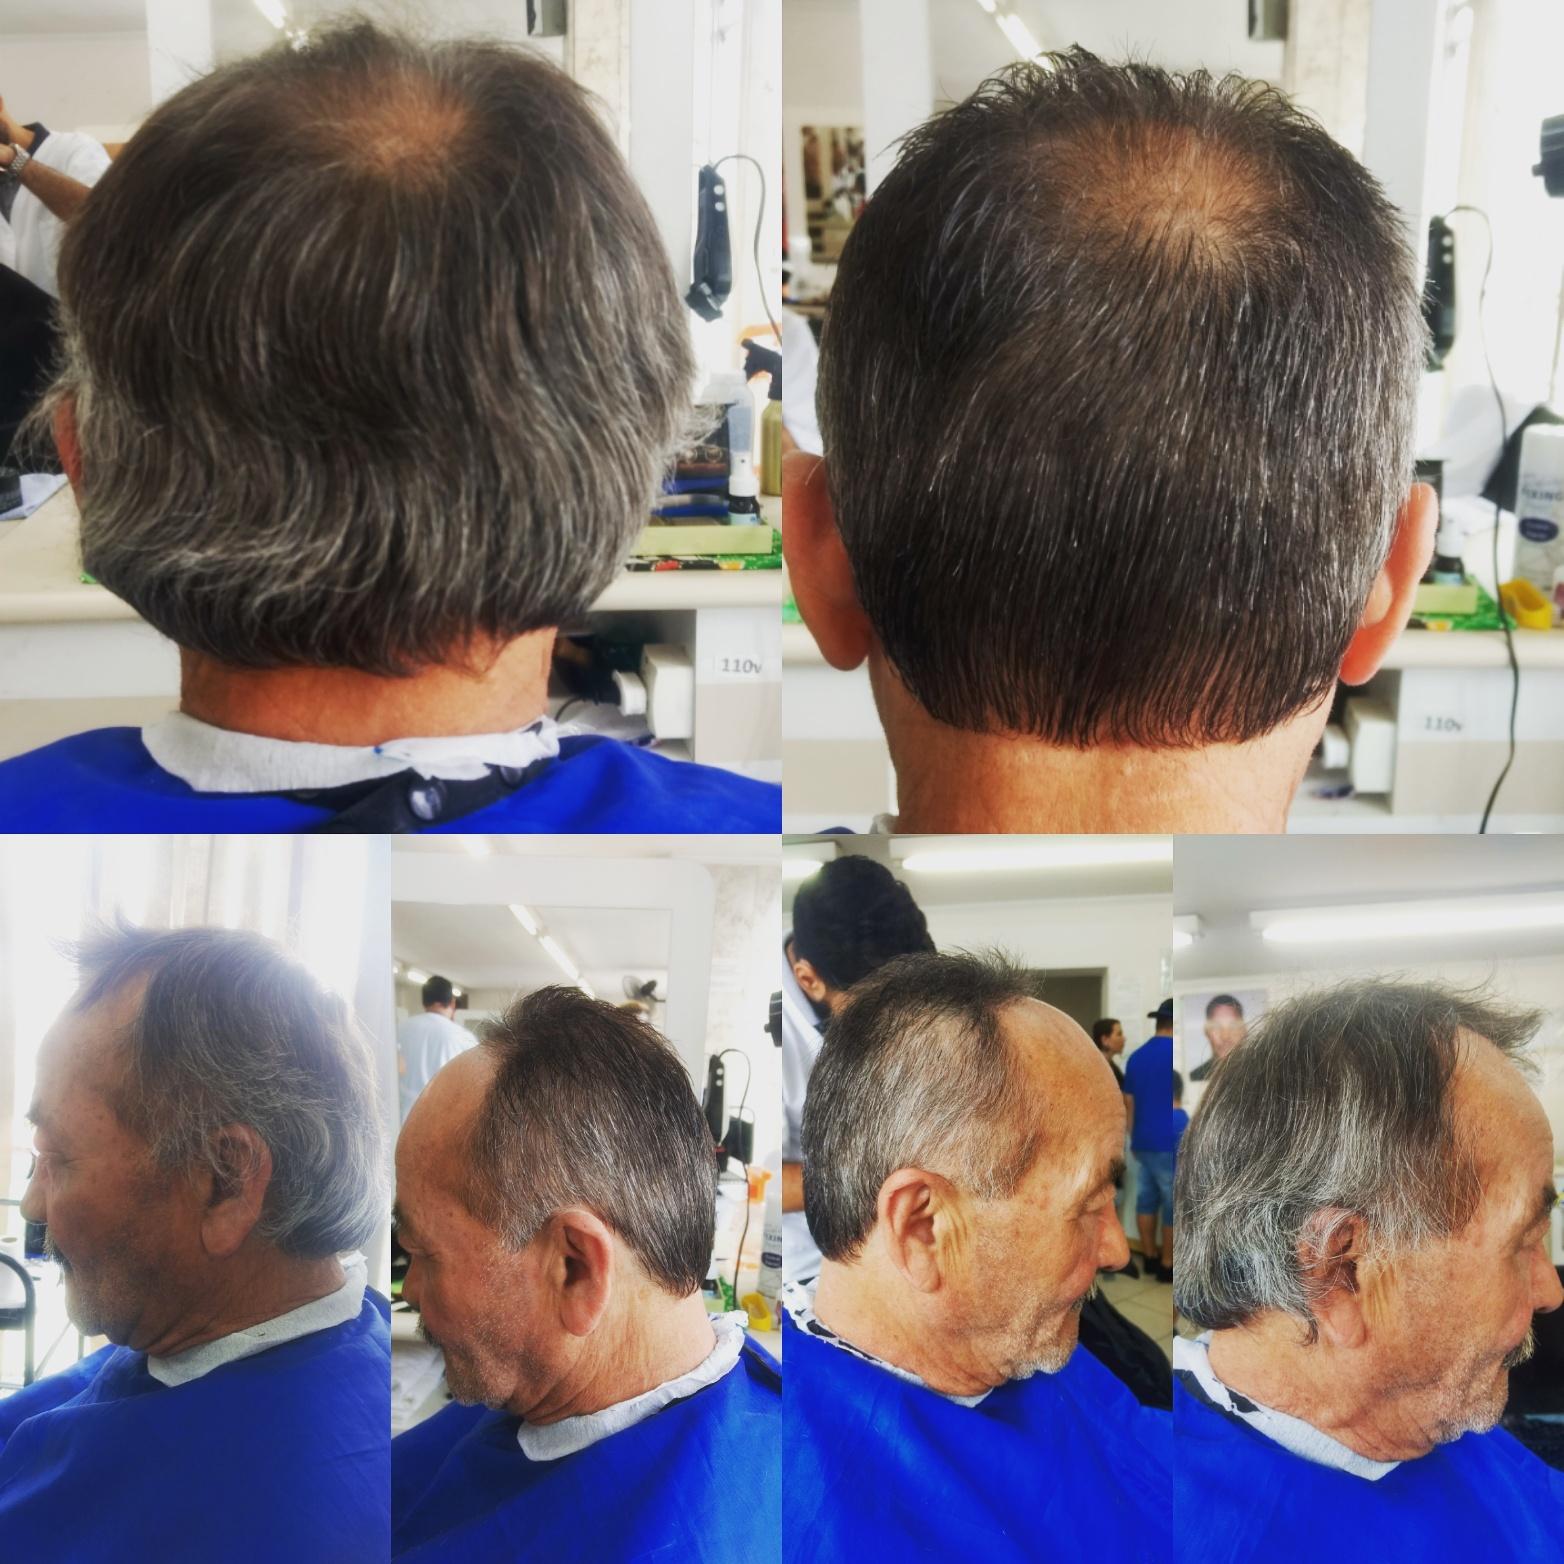 Pente livre cabelo barbeiro(a)